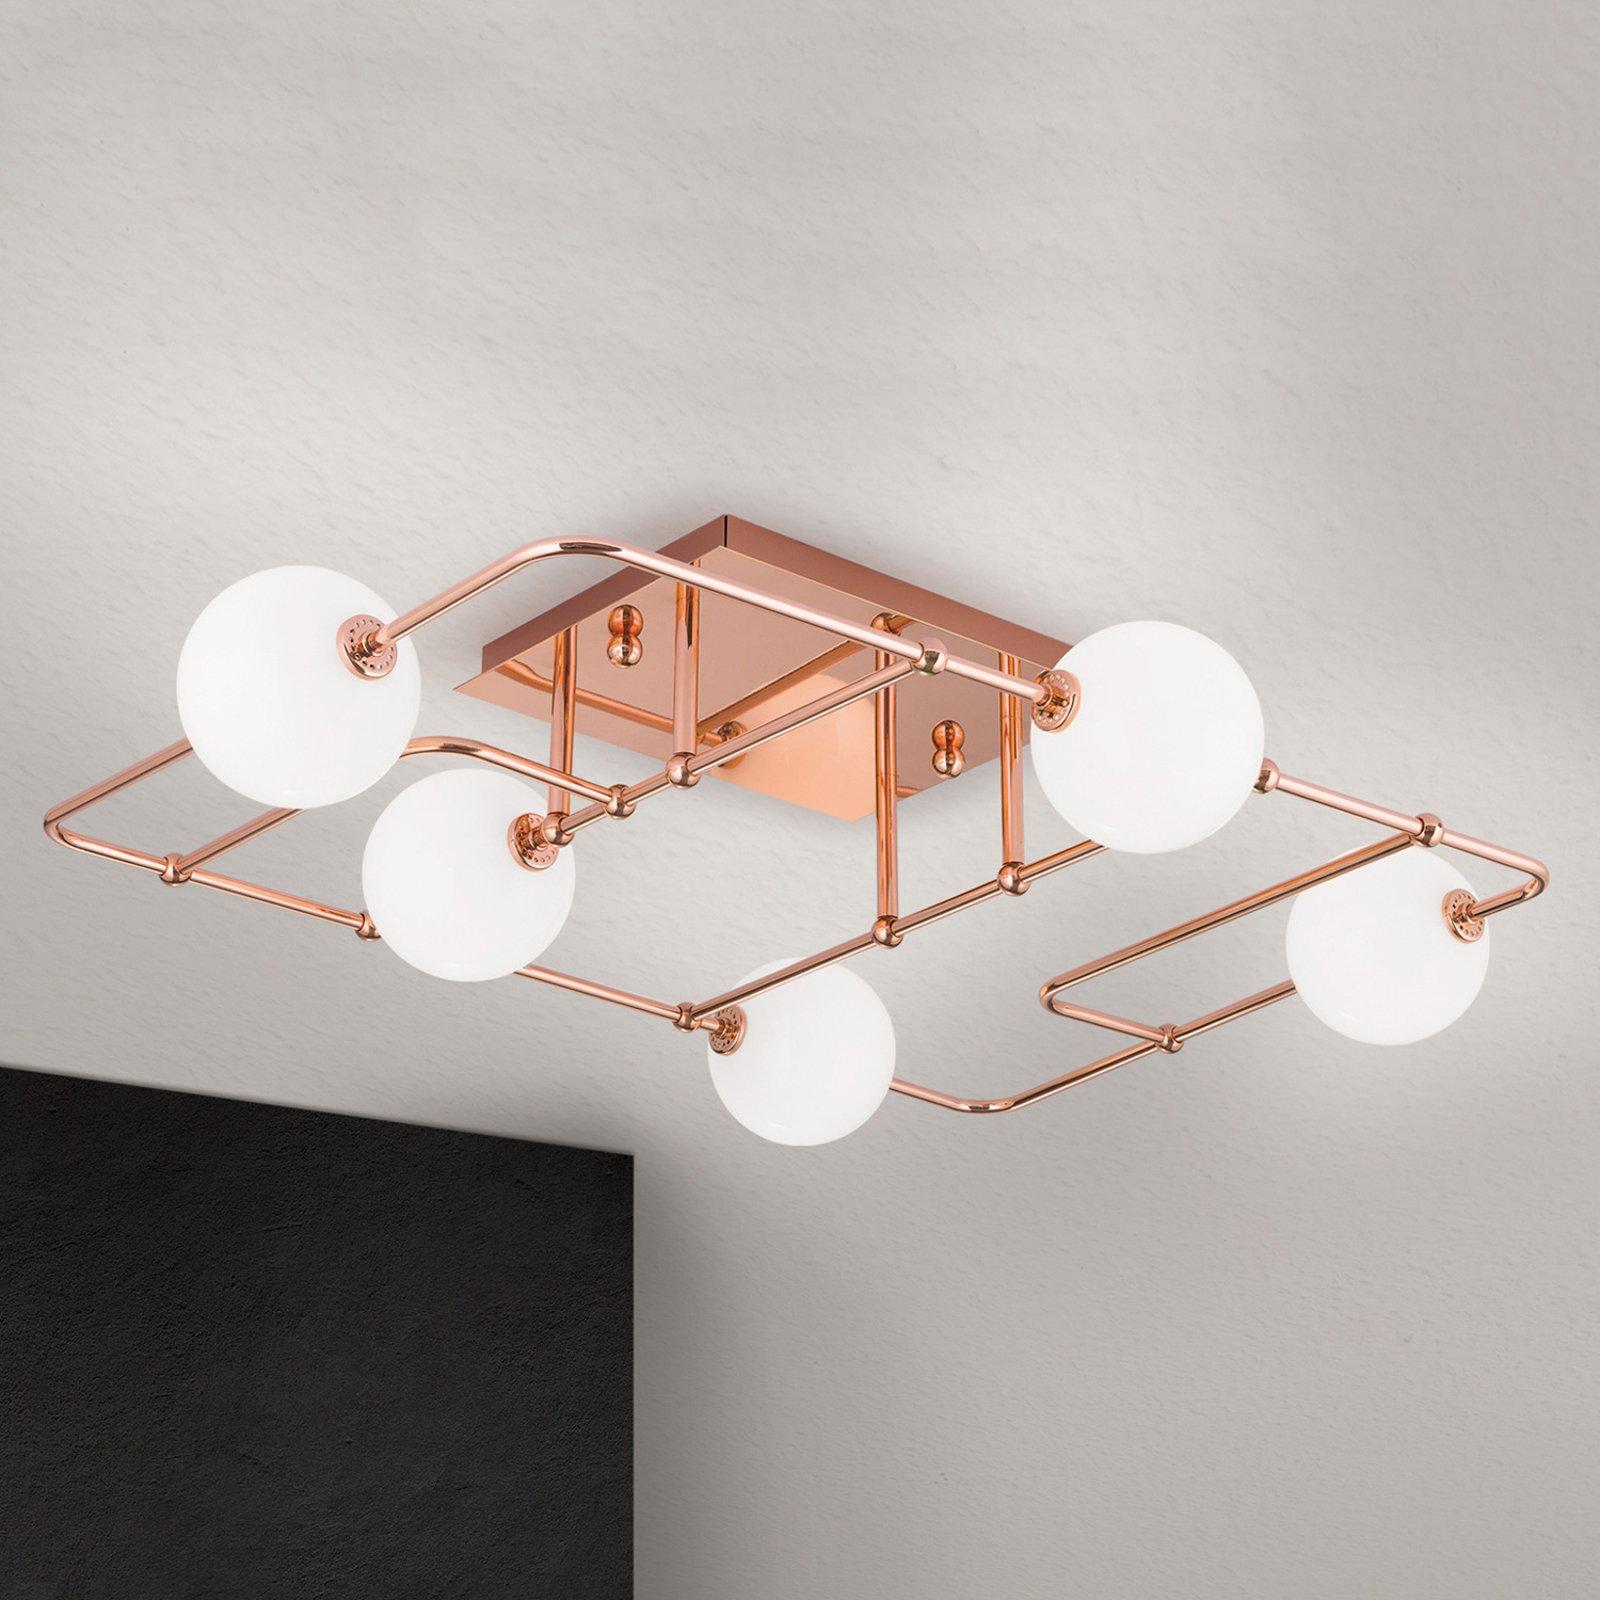 LED-taklampe Pipes i kobber med glasskuler